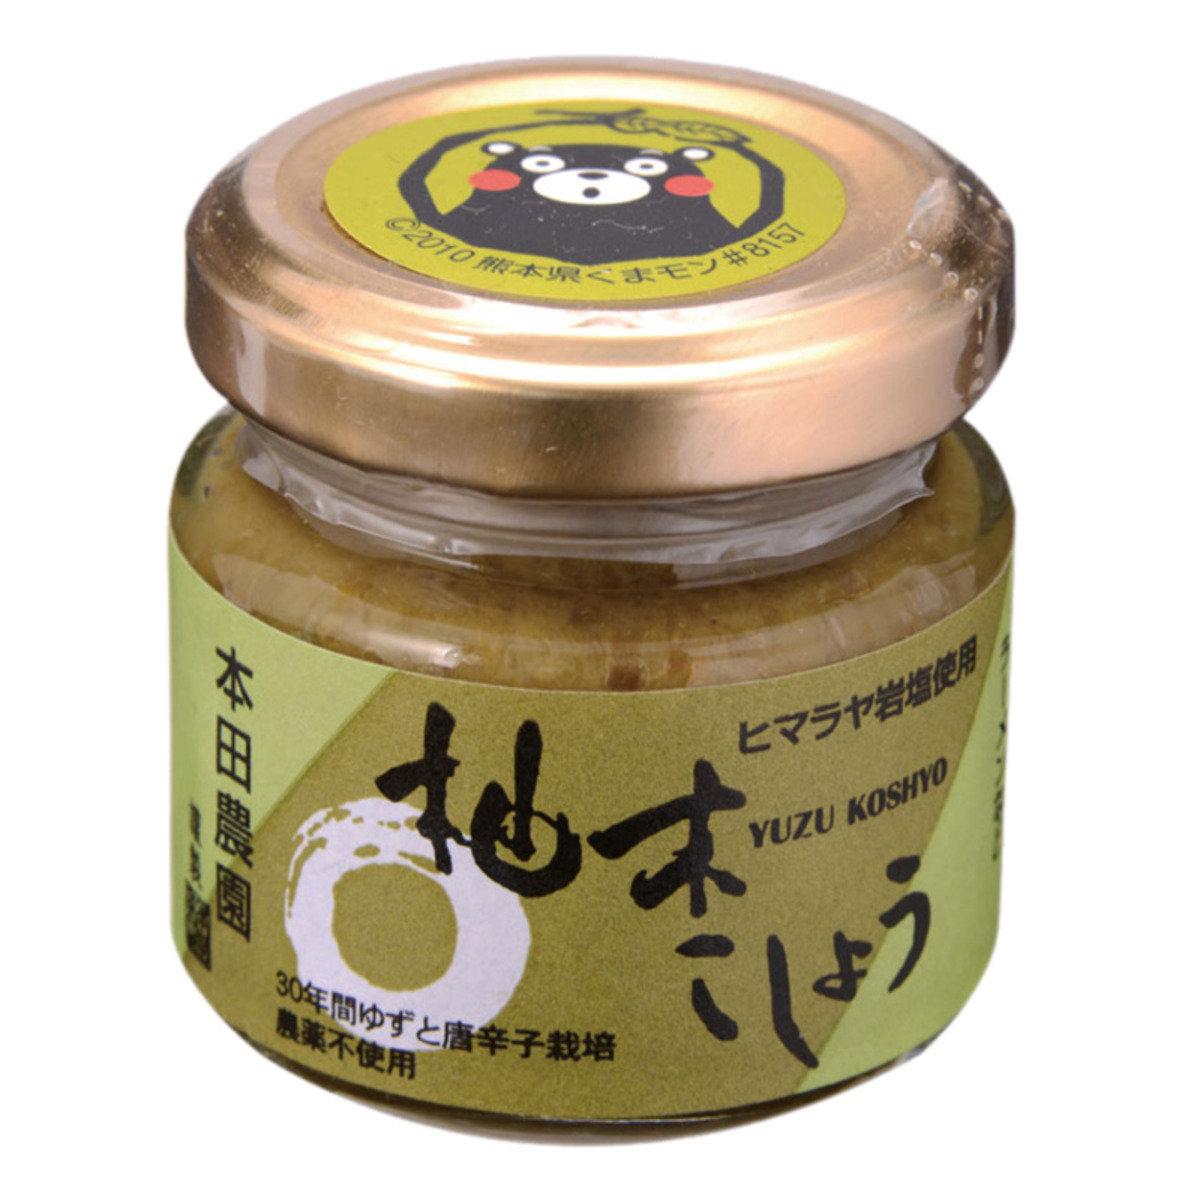 柚子青胡椒醬 (40克)